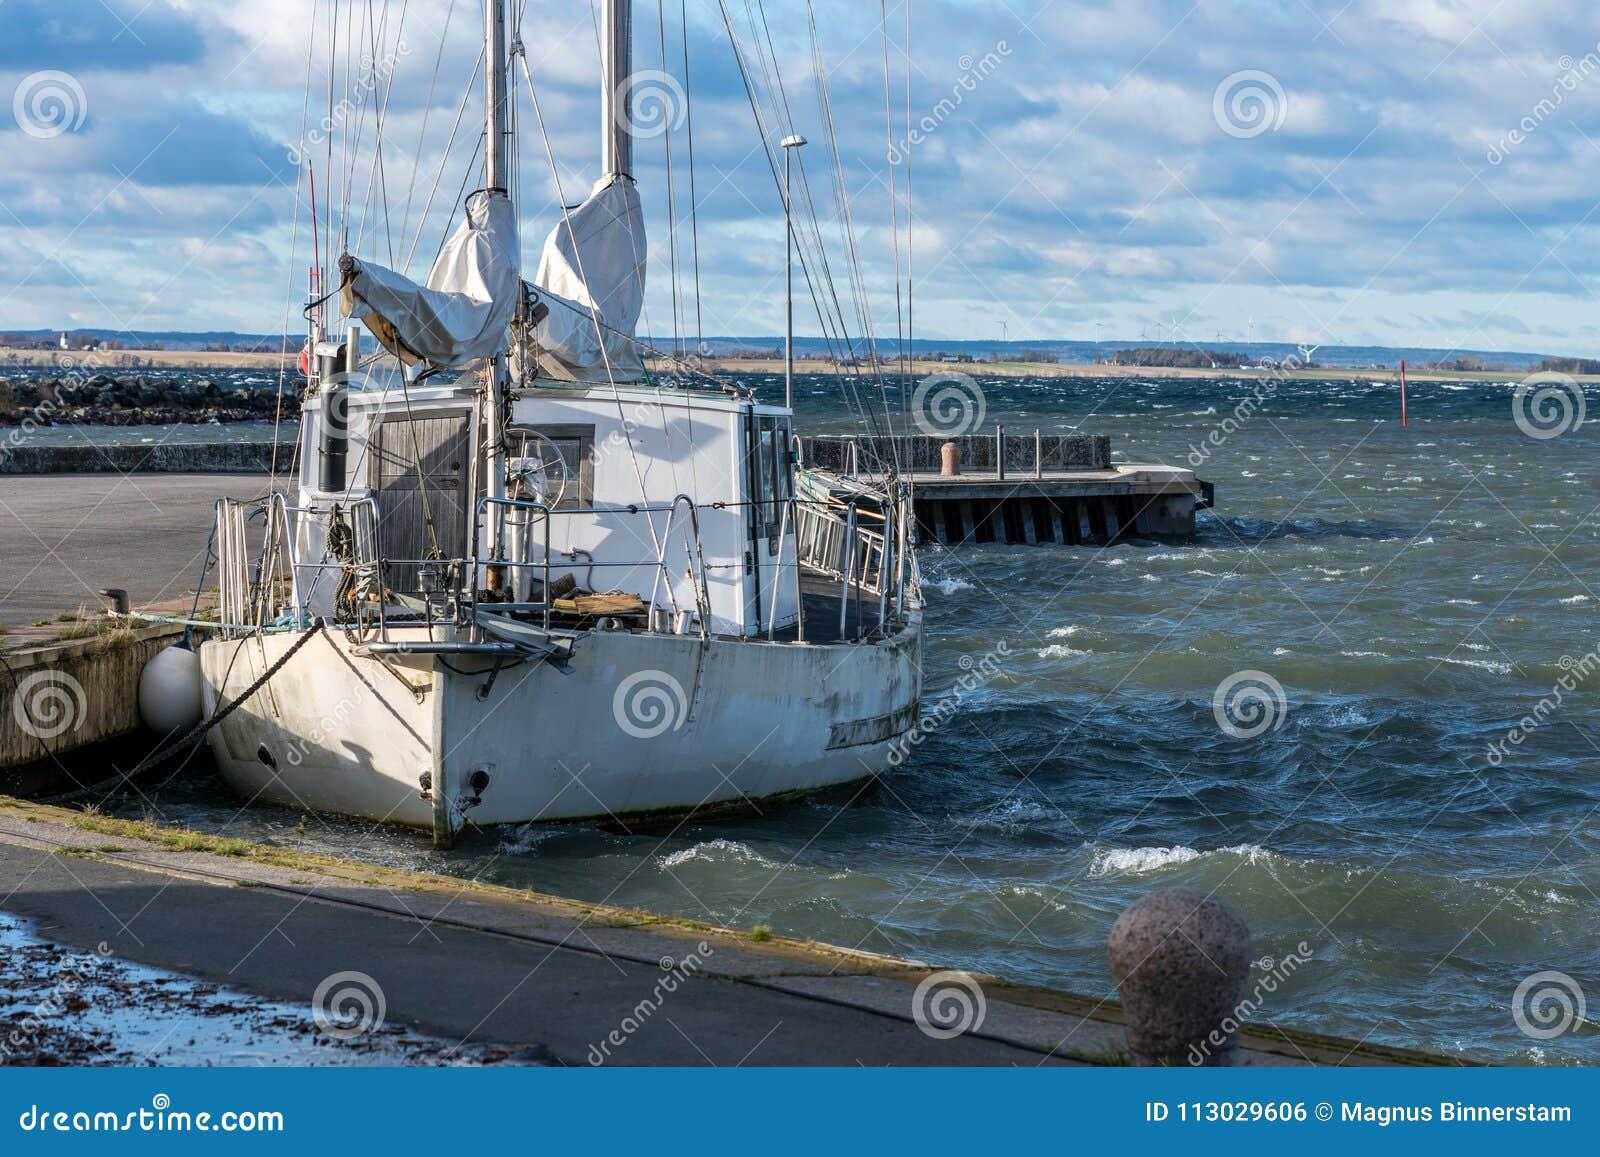 Solo barco de navegación blanco, amarrado en el puerto